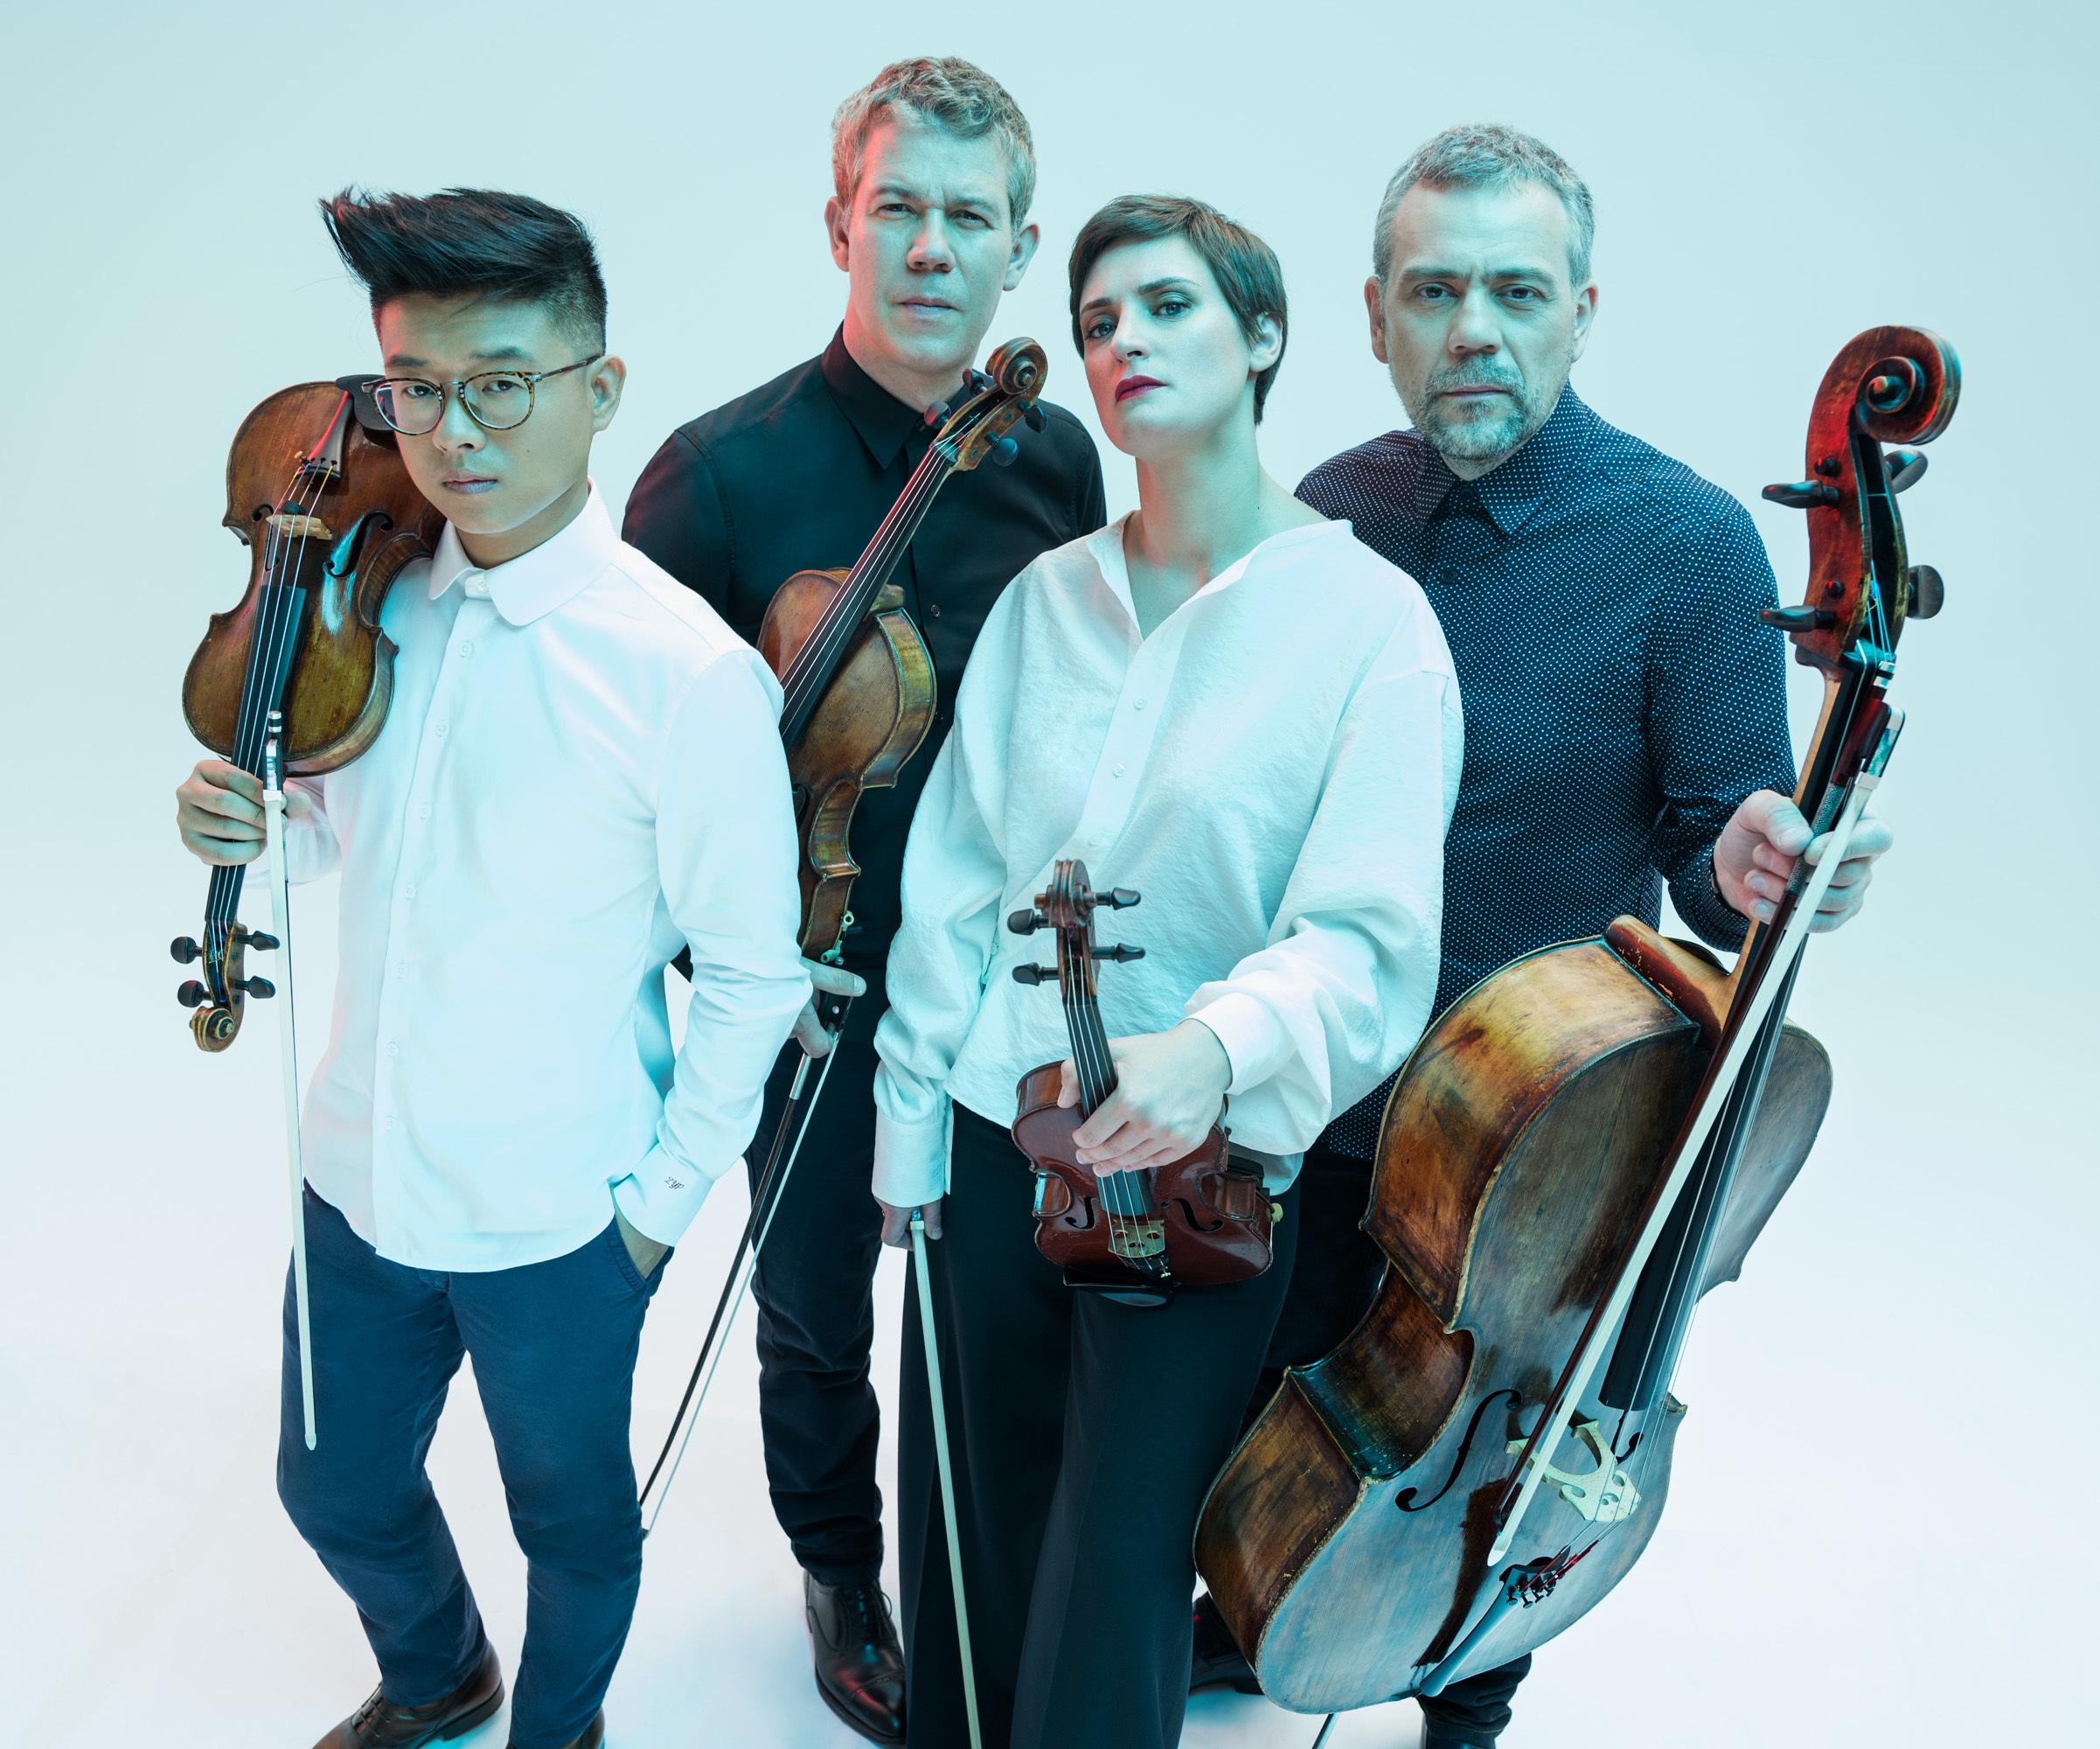 Le Quatuor Diotima, quatuor le plus demandé au monde, partage la scène avec Jean-François Heisser, pianiste et chef d'orchestre de renom. Une affiche de rêve pour une matinée musicale à ne pas rater.